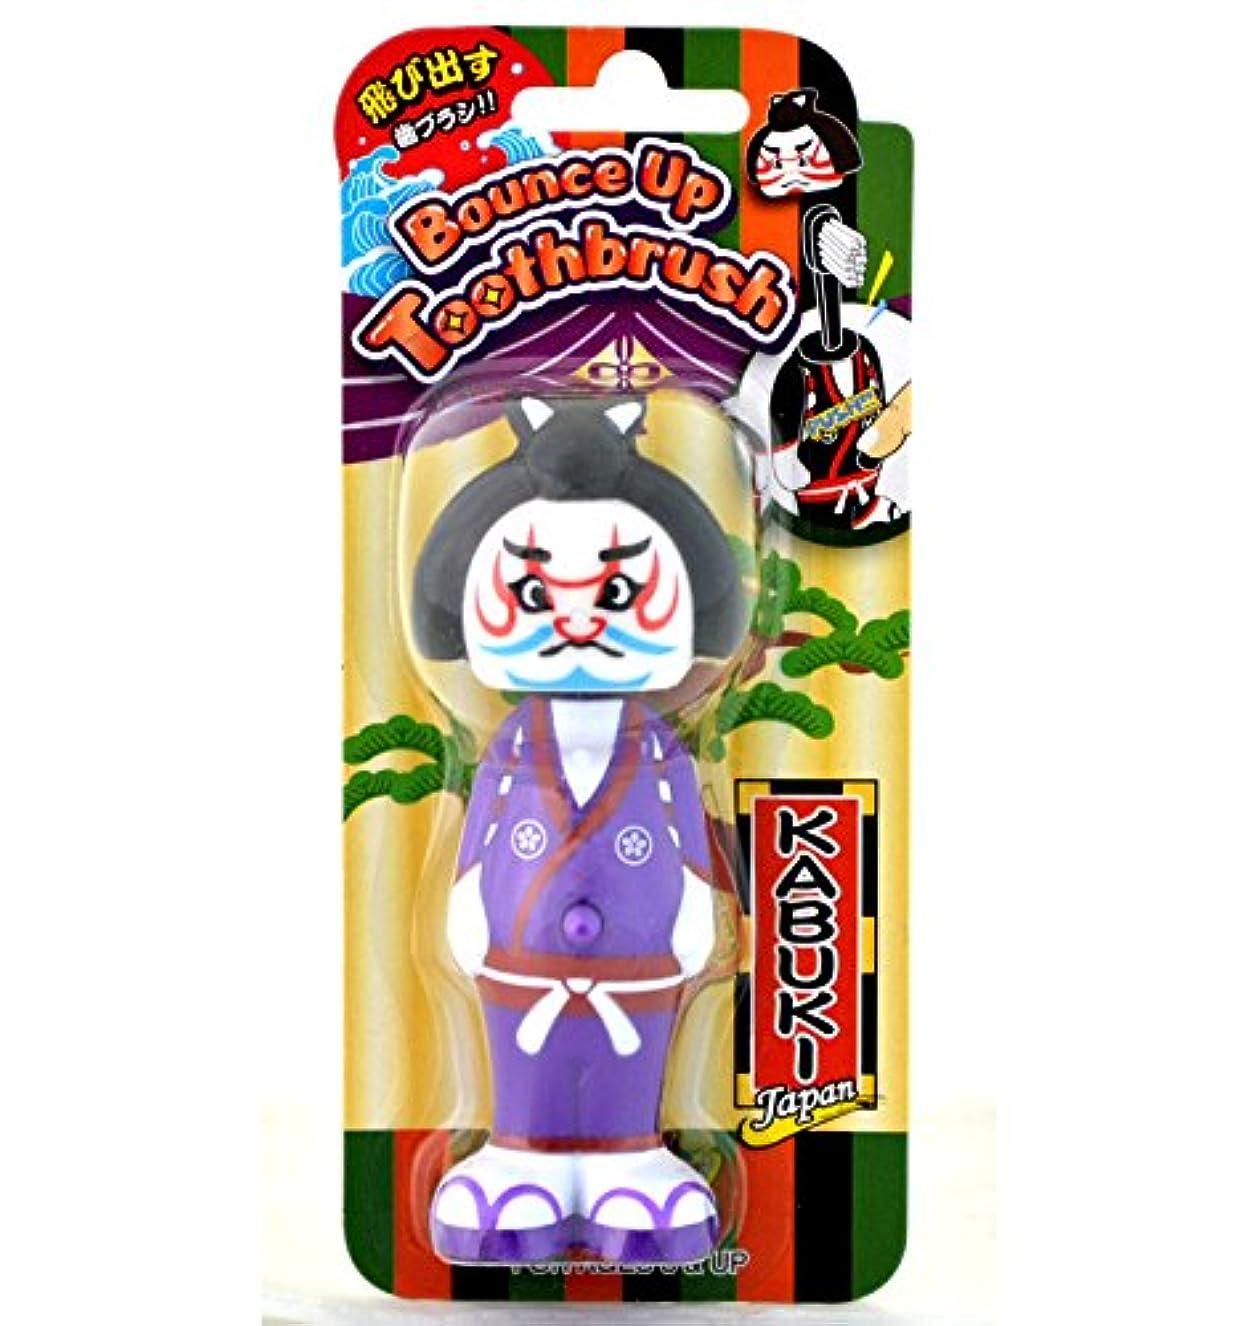 上級コールド煙バウンスアップ歯ブラシ 歌舞伎 パープル